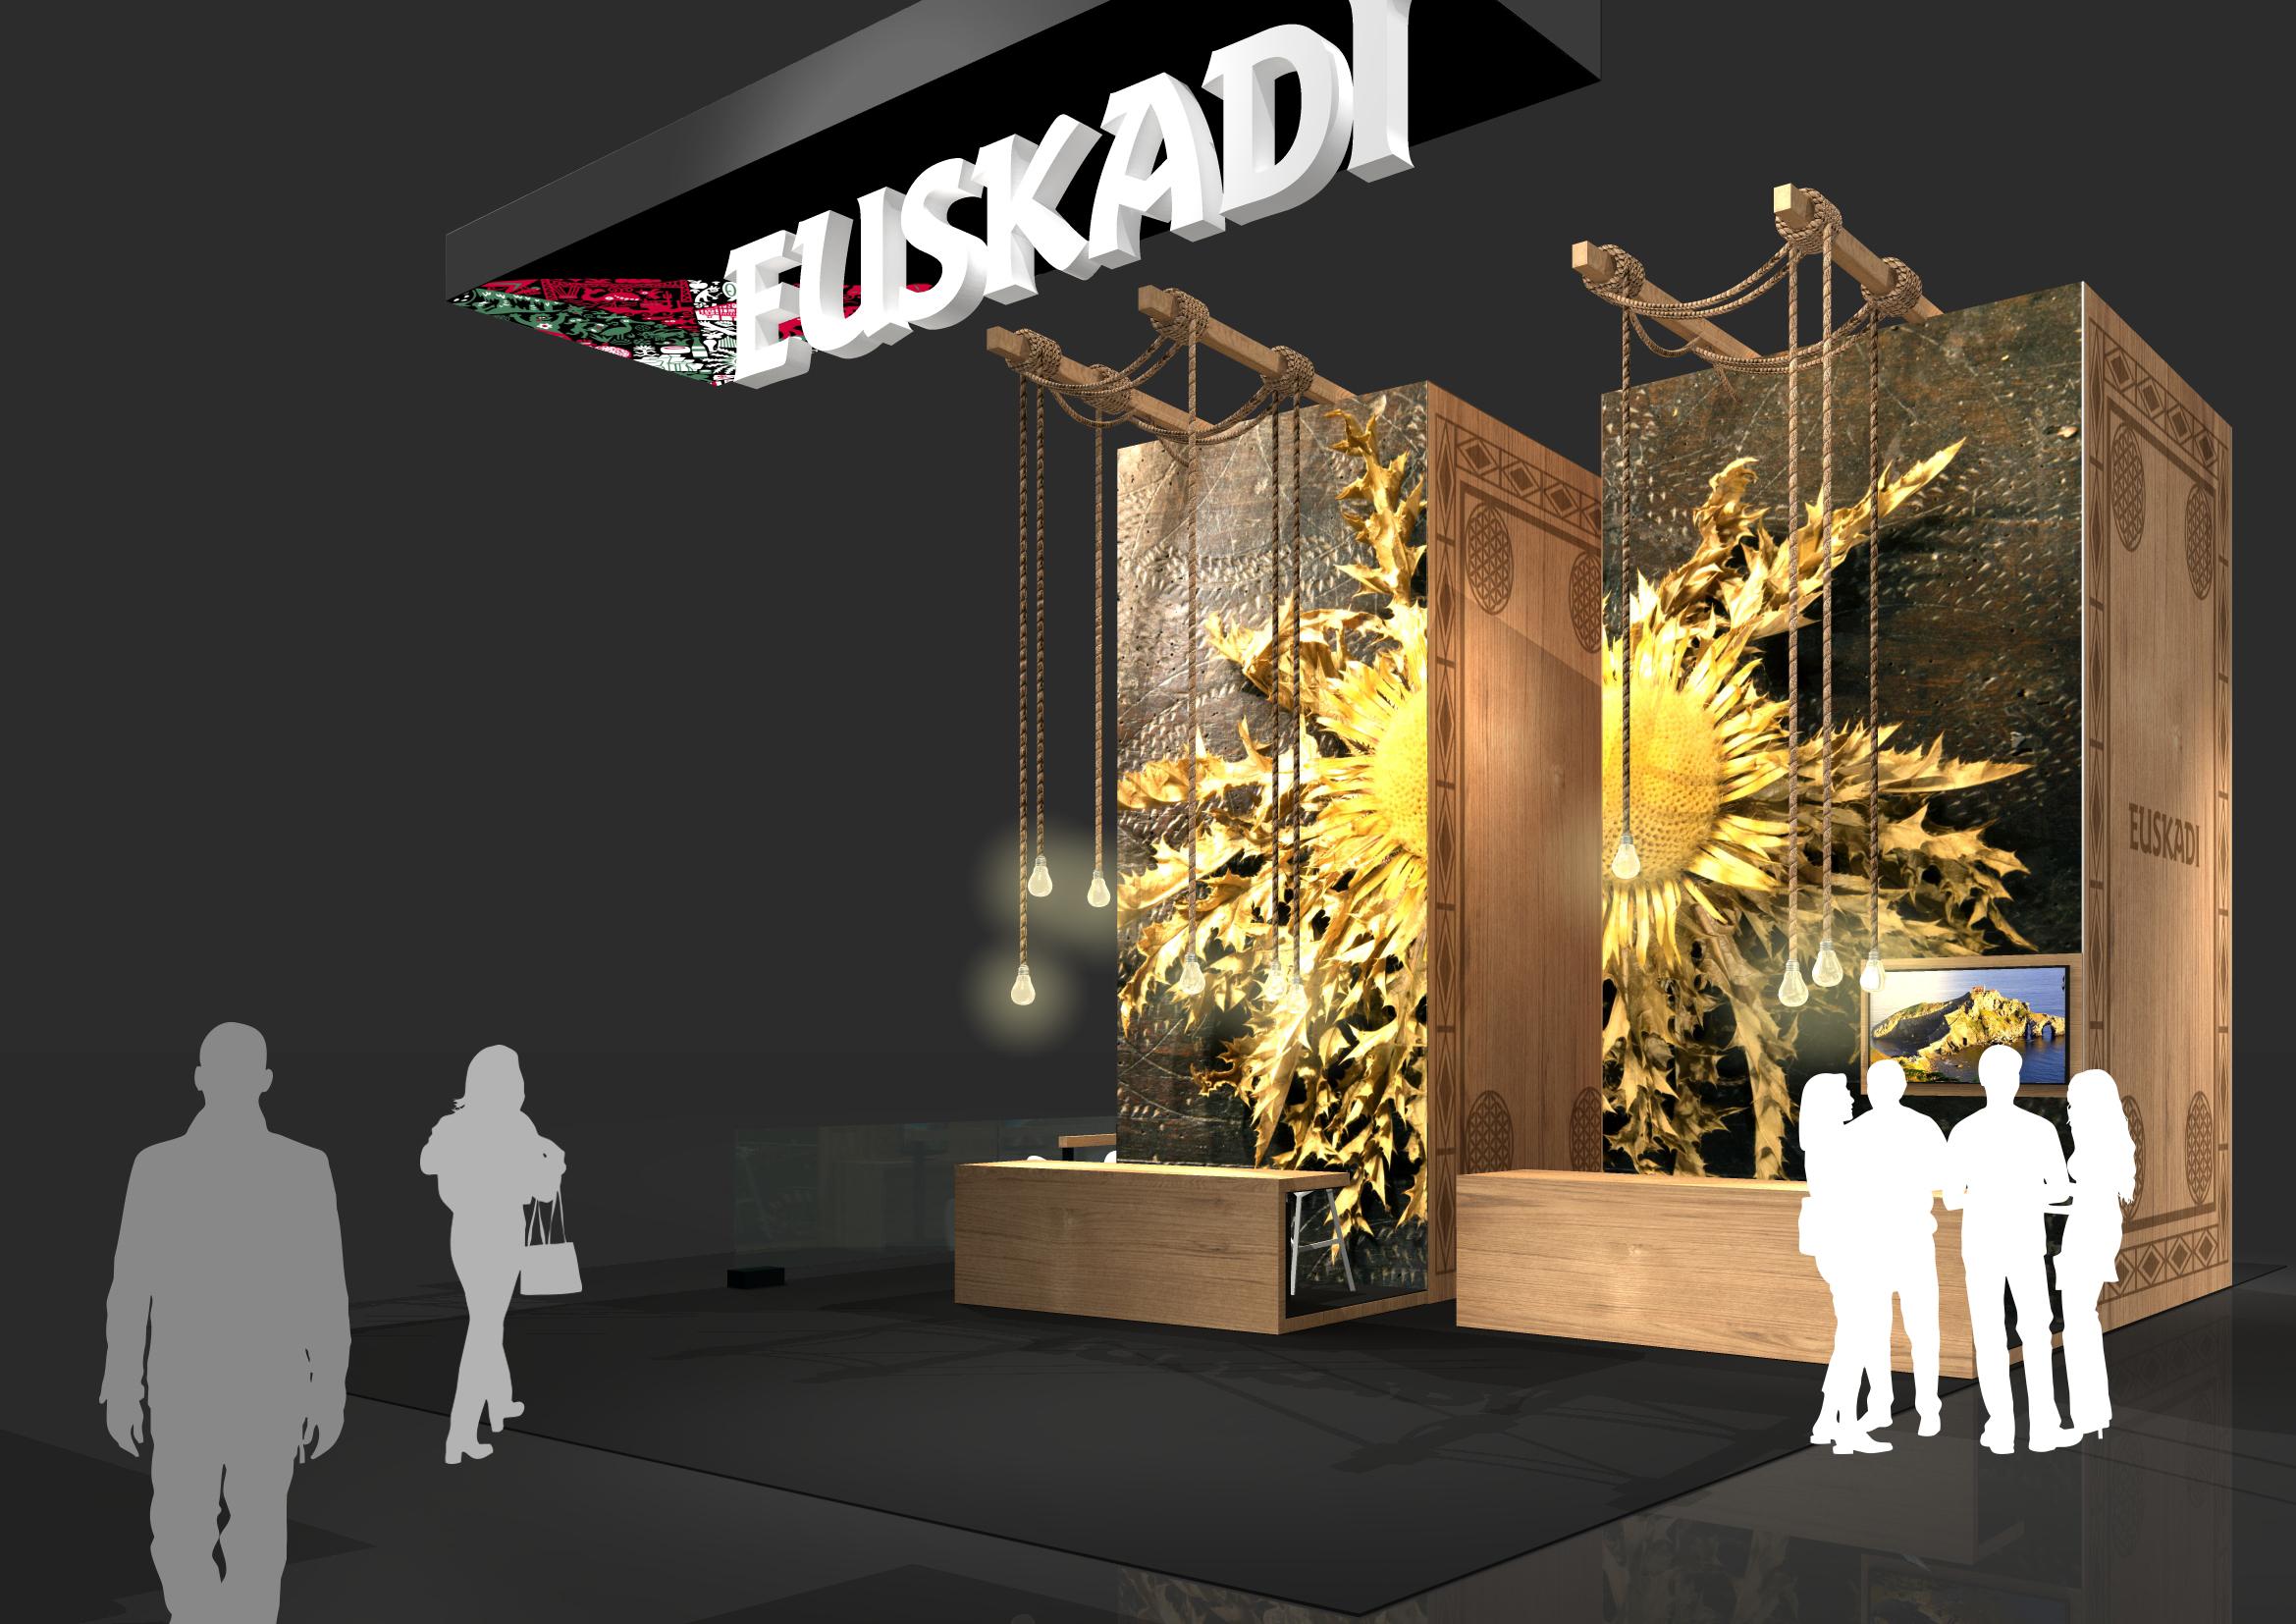 INFOGRAFIA_STAND_EUSKADI_2.jpg